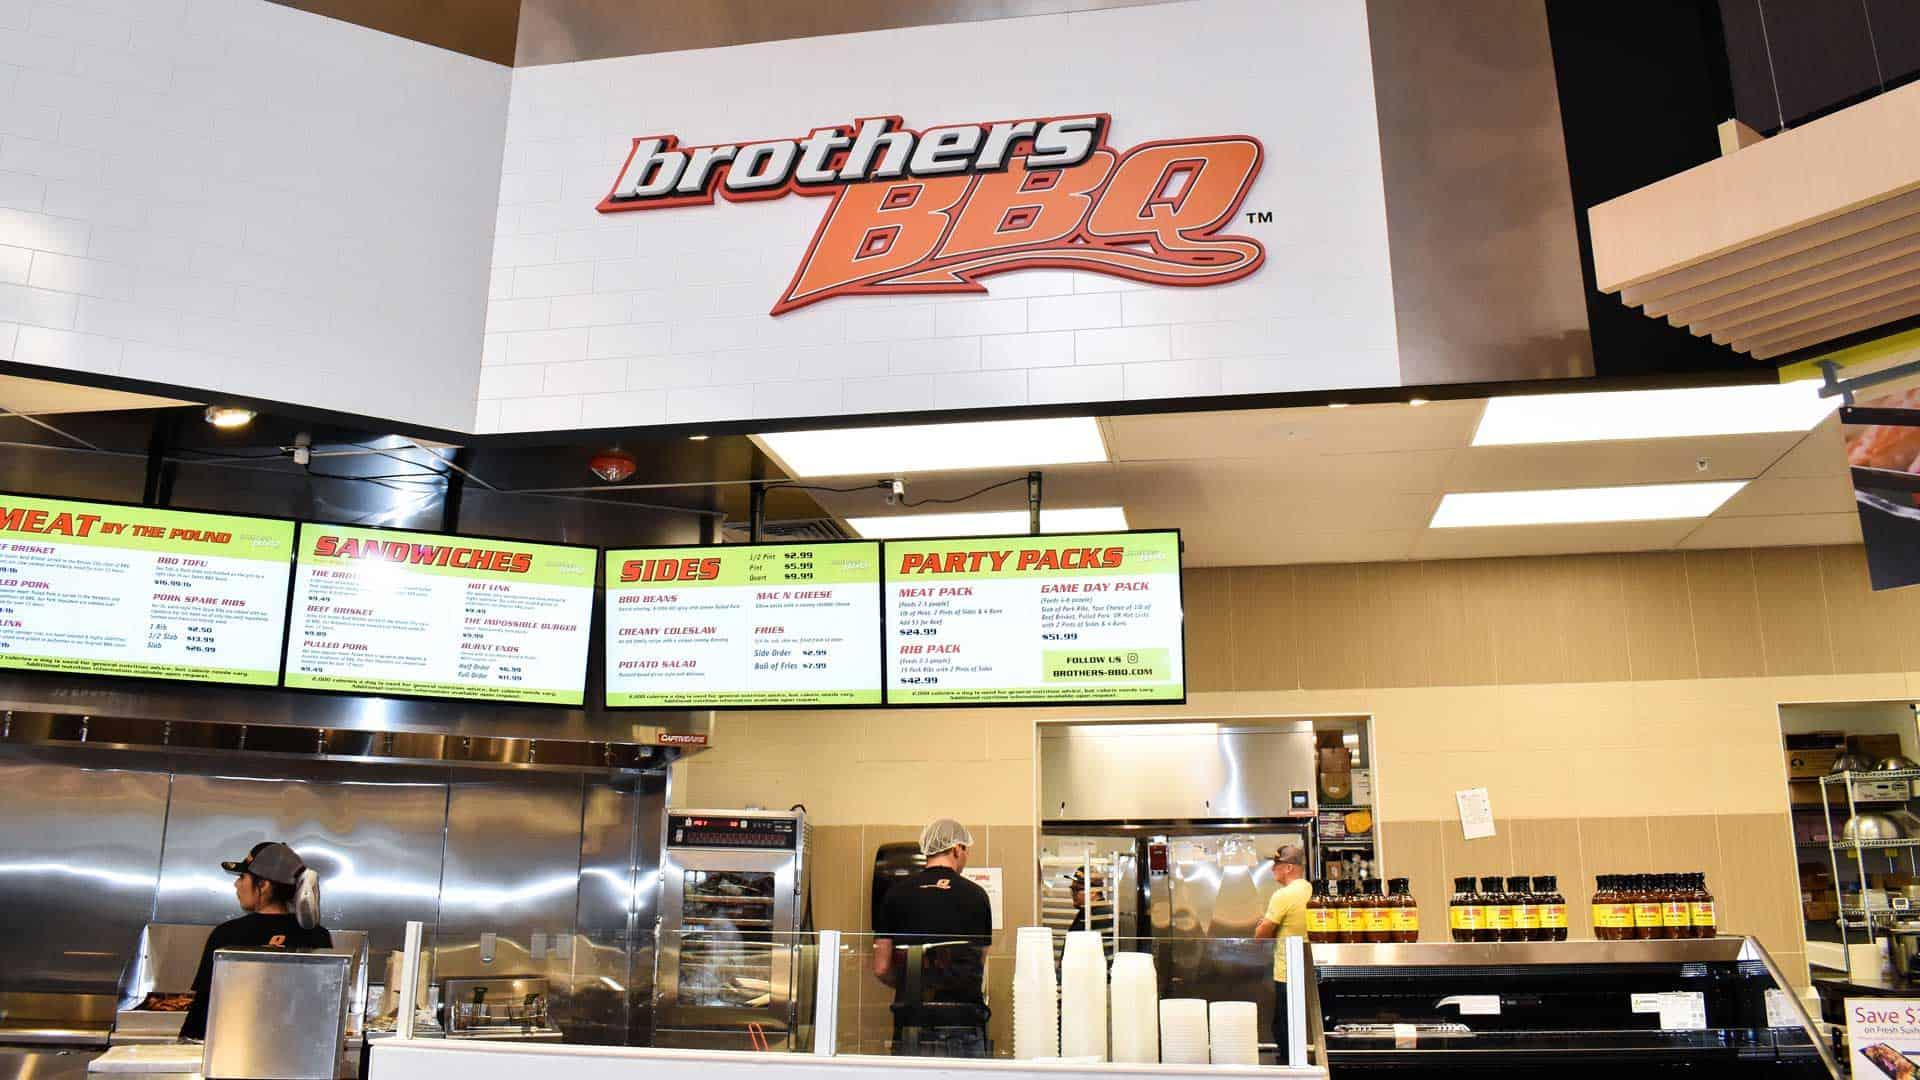 castle rock Brothers BBQ Colorado location